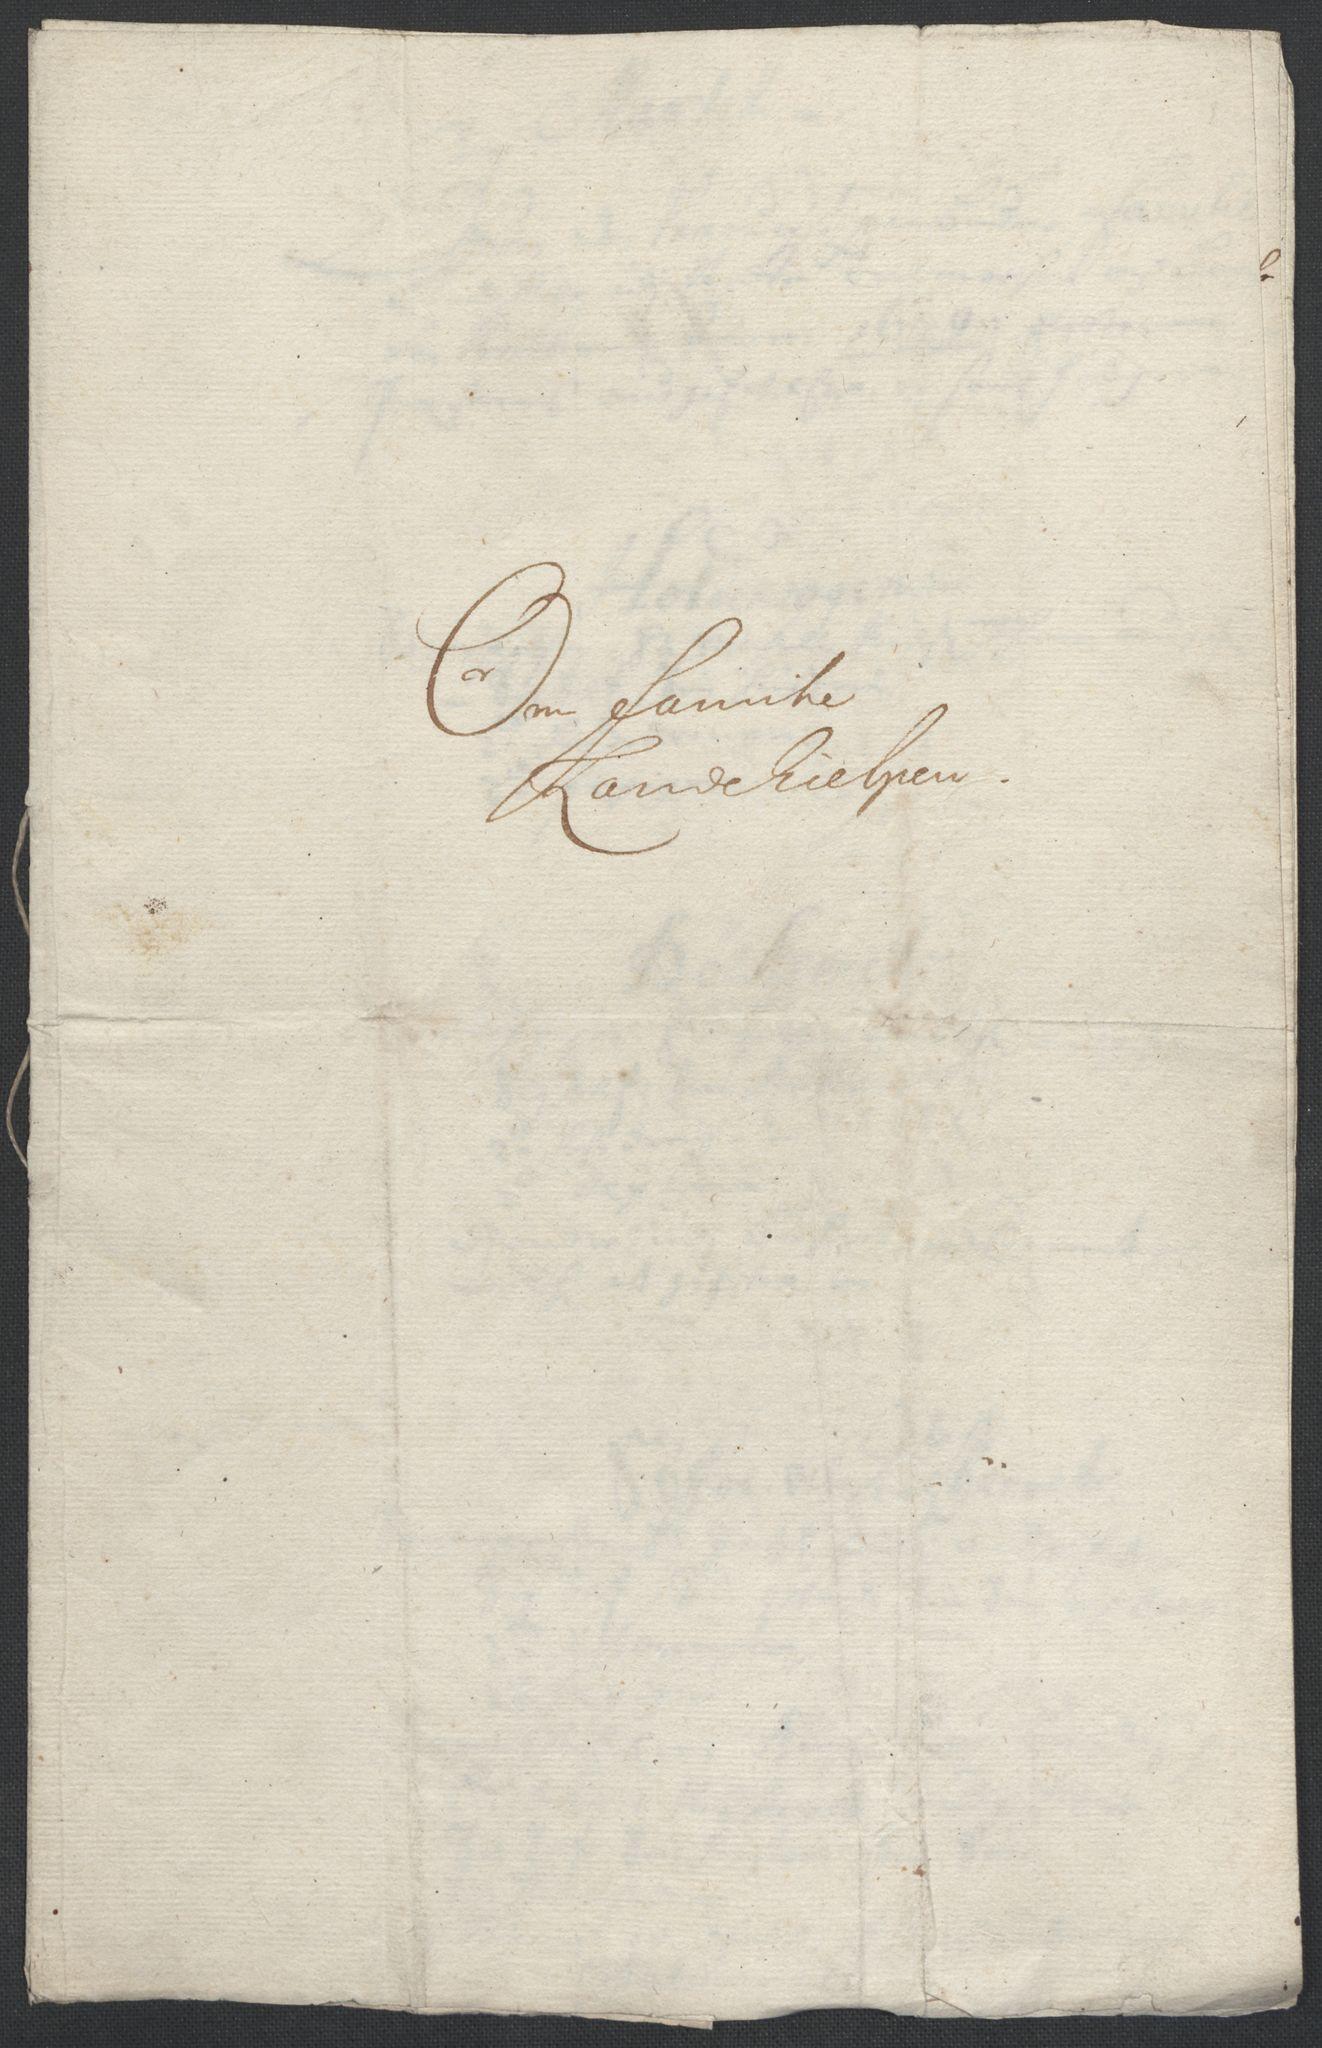 RA, Rentekammeret inntil 1814, Reviderte regnskaper, Fogderegnskap, R35/L2072: Fogderegnskap Øvre og Nedre Telemark, 1679, s. 246